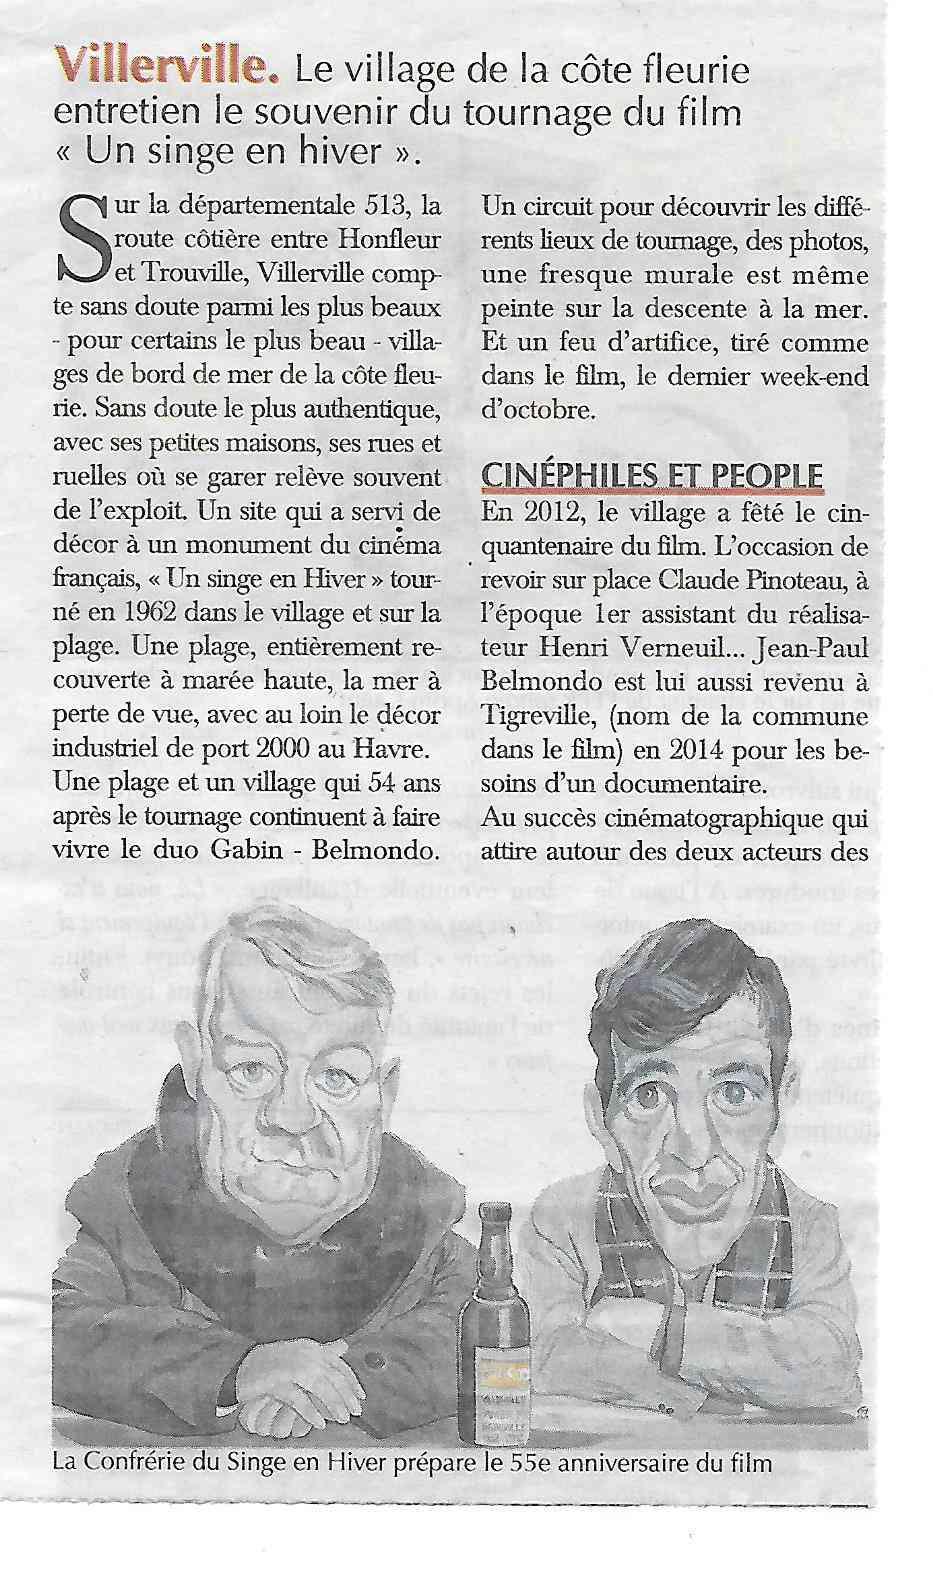 Histoire des communes - Villerville 210